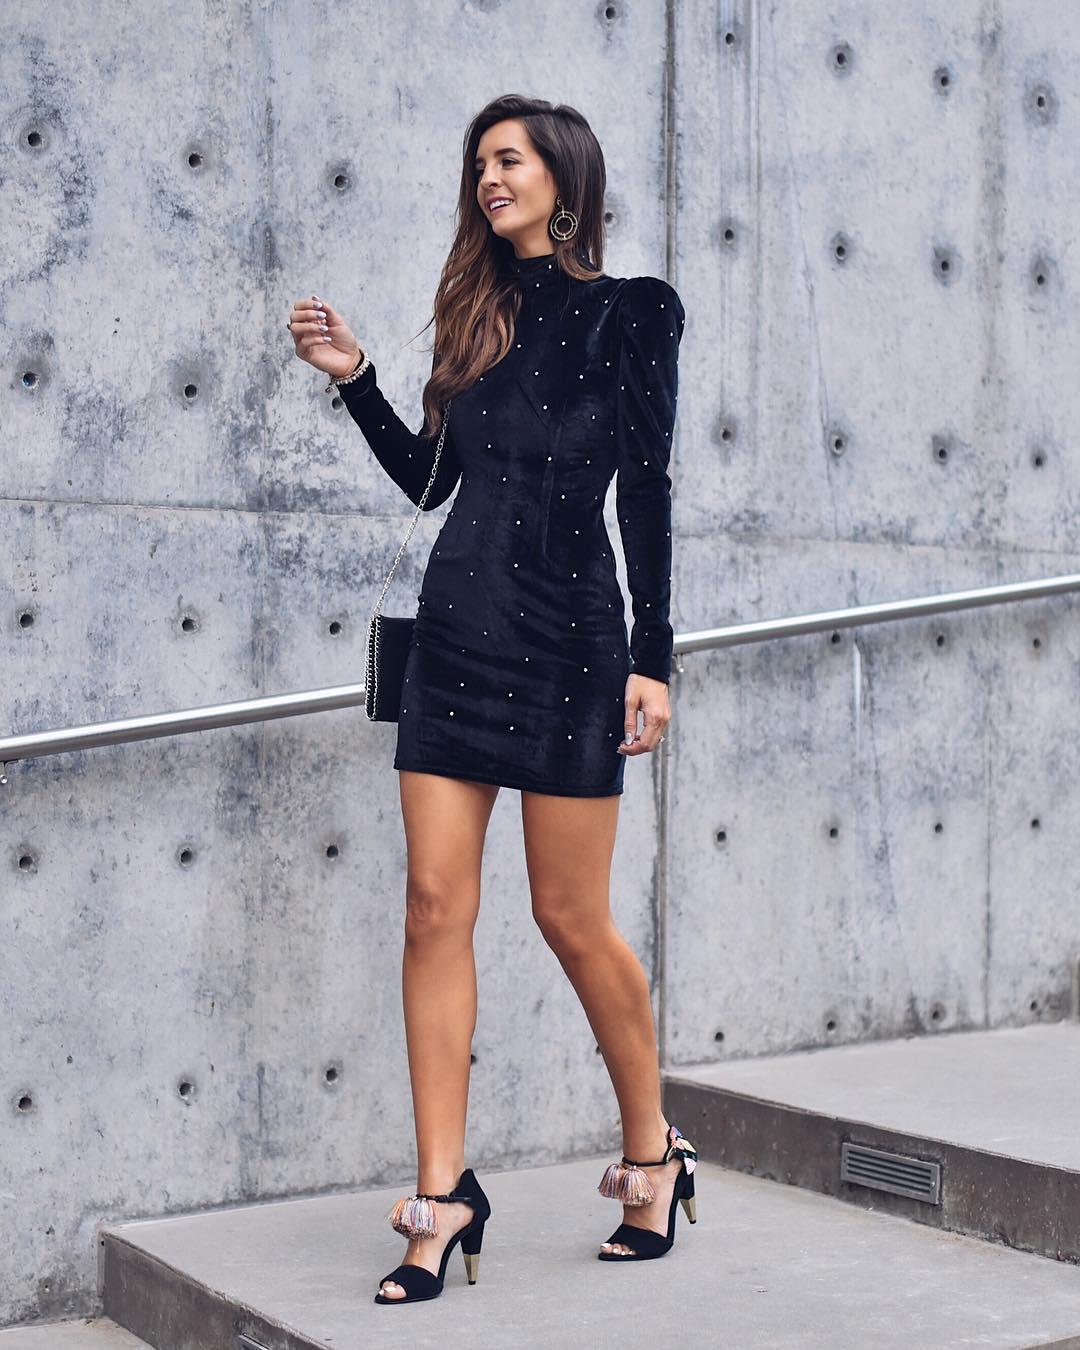 Модные весенние платья 2019 из вельвета, бархата или кожи